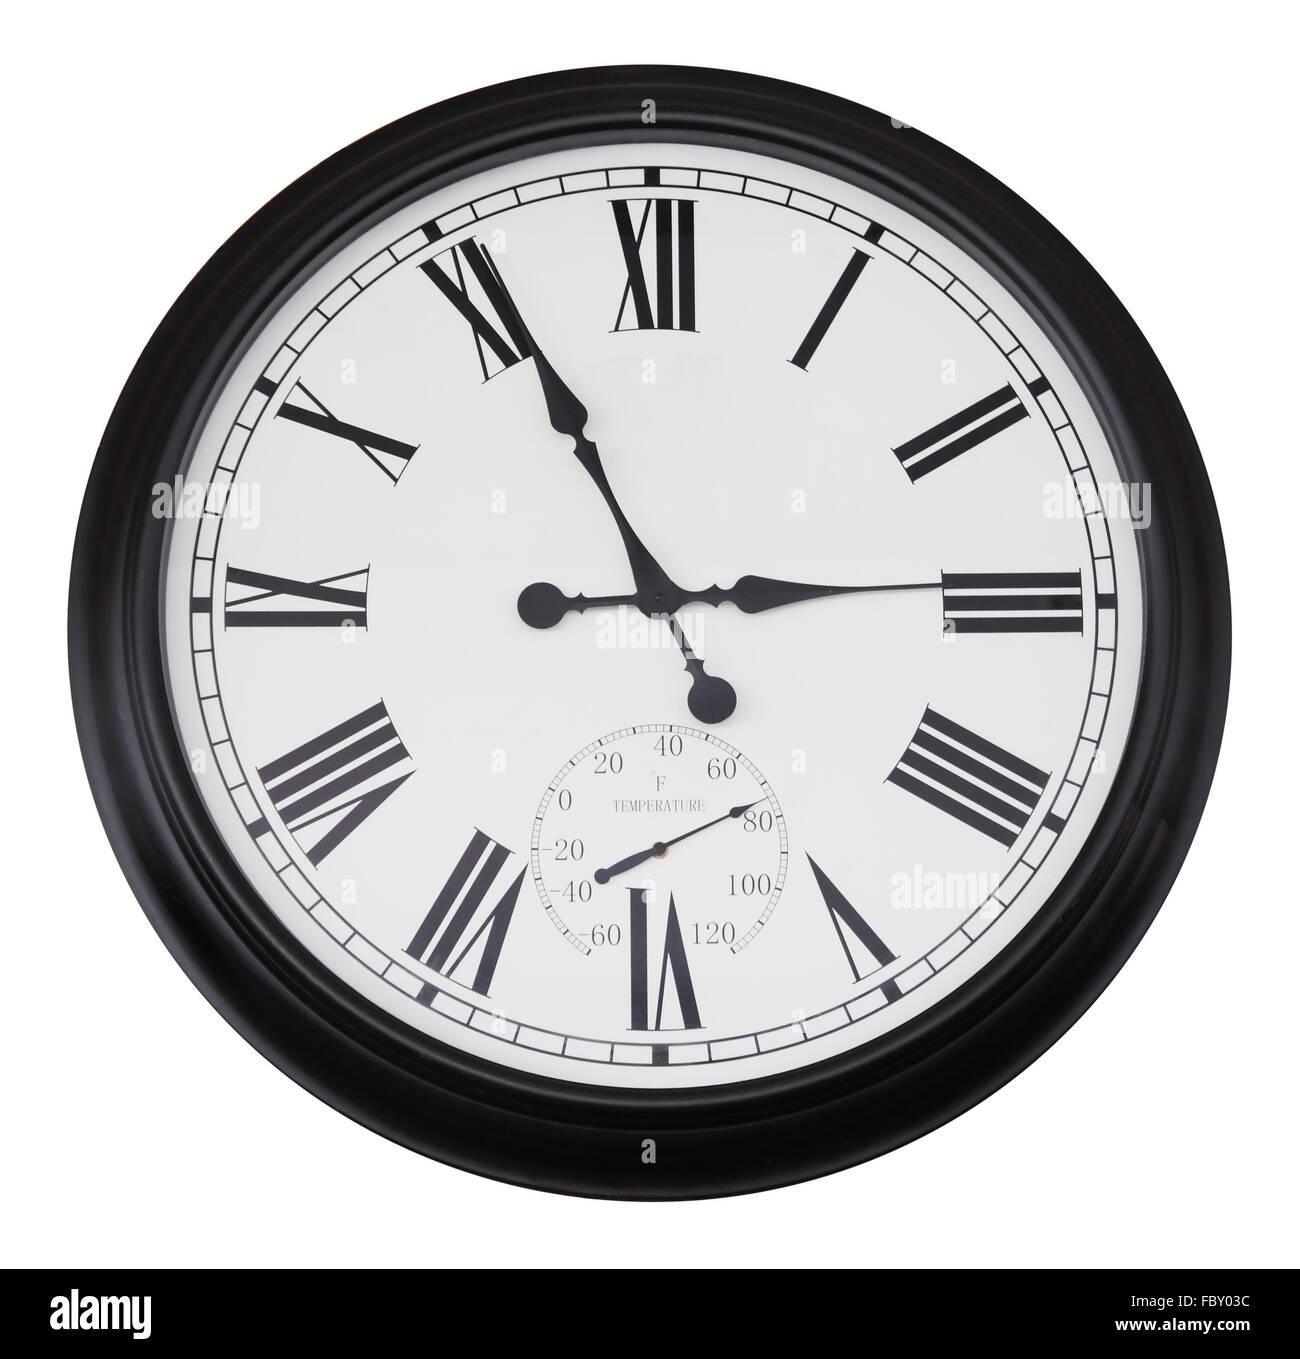 5c60b27d836c Reloj De Pared Analógico Imágenes De Stock   Reloj De Pared ...